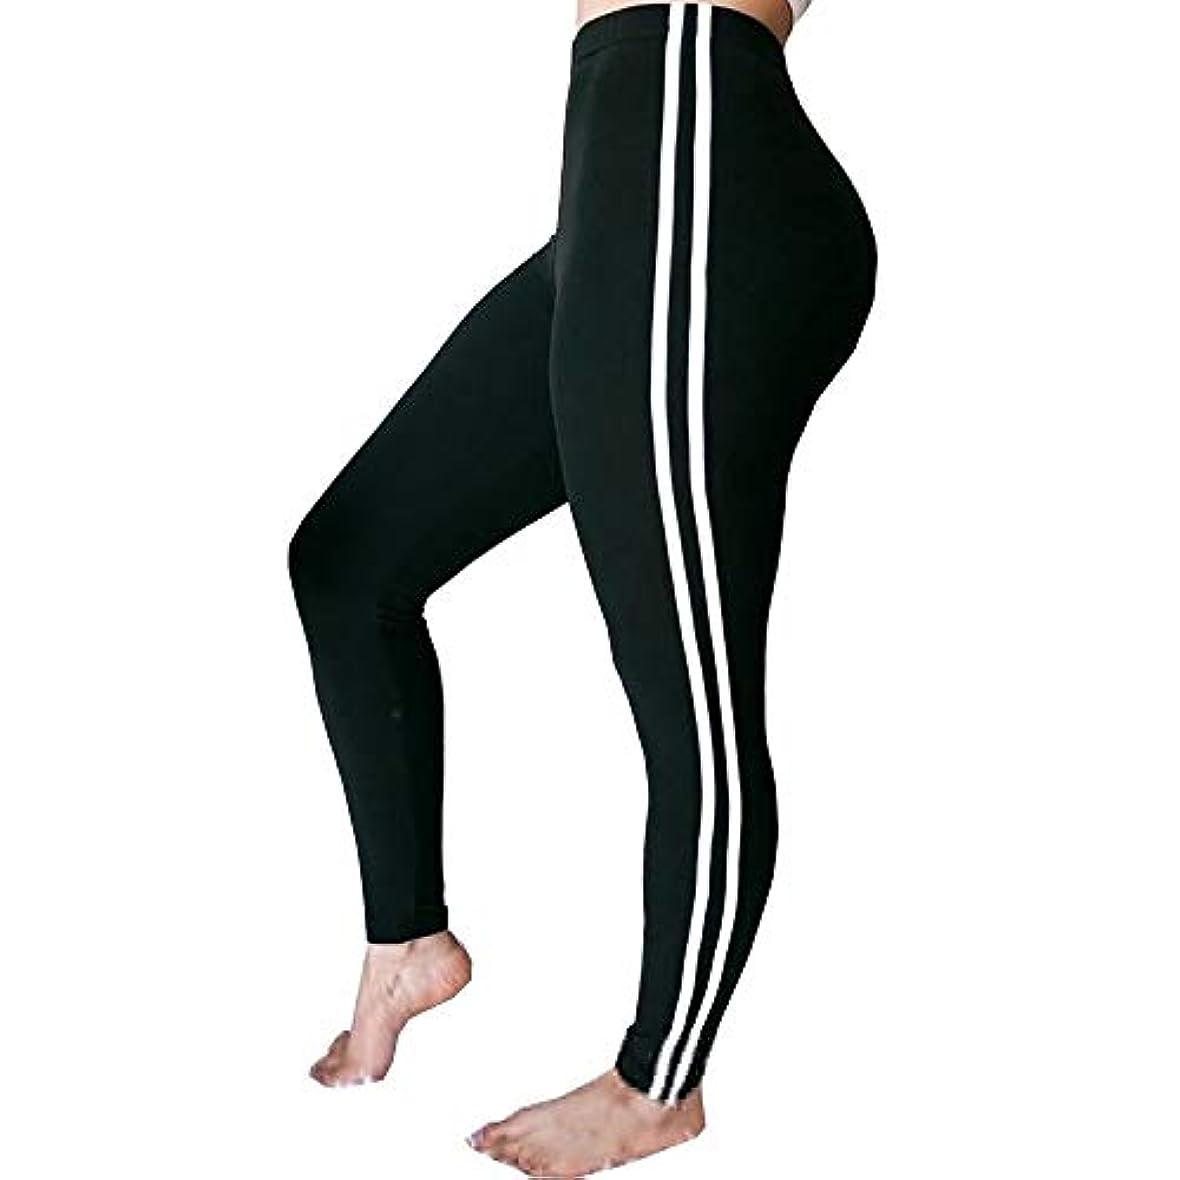 事故図書館神社MIFAN 女性パンツ、ロングパンツ、ハイウエストパンツ、スポーツパンツ、スキニーパンツ、ヨガパンツ、